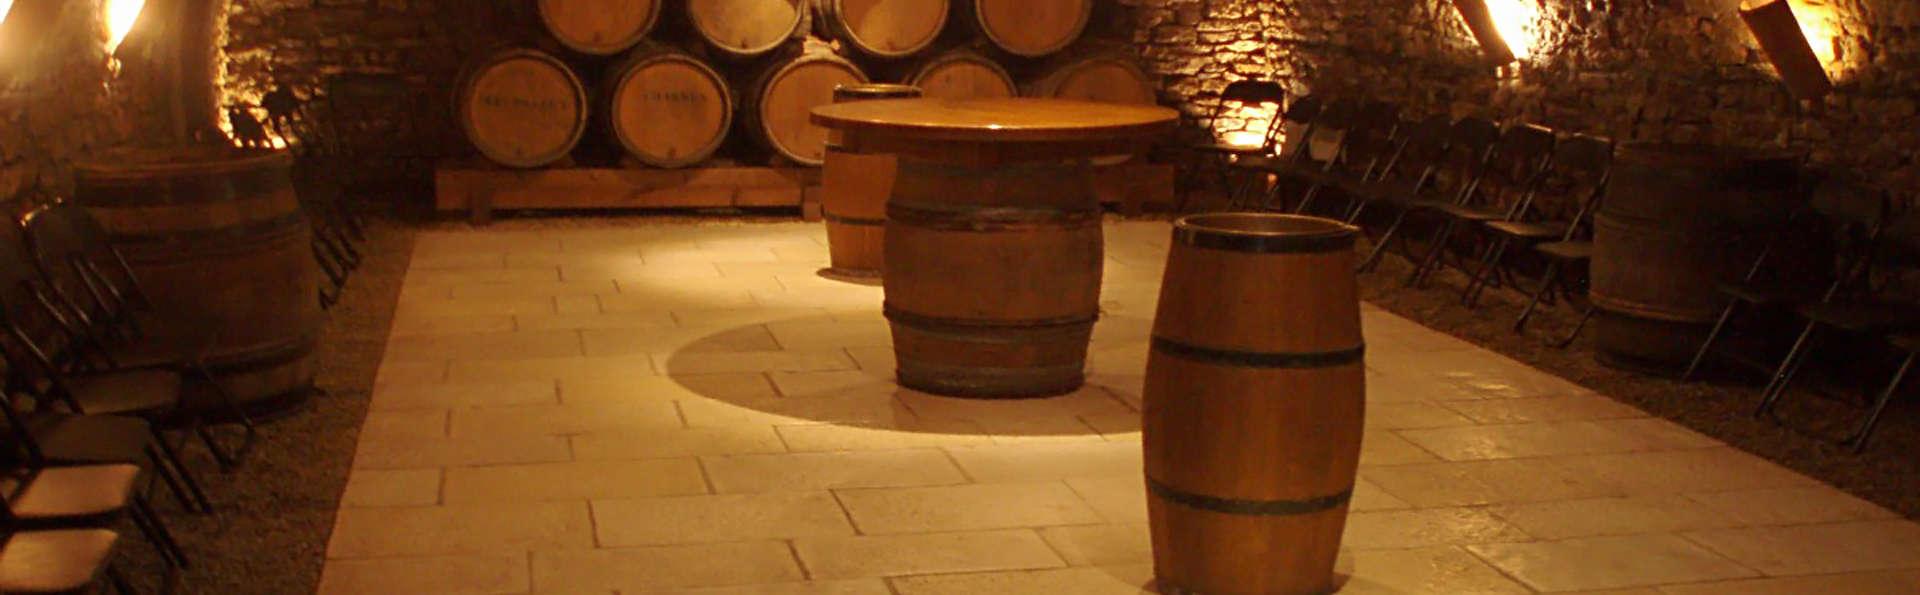 Visita a una bodega y degustación en Beaune